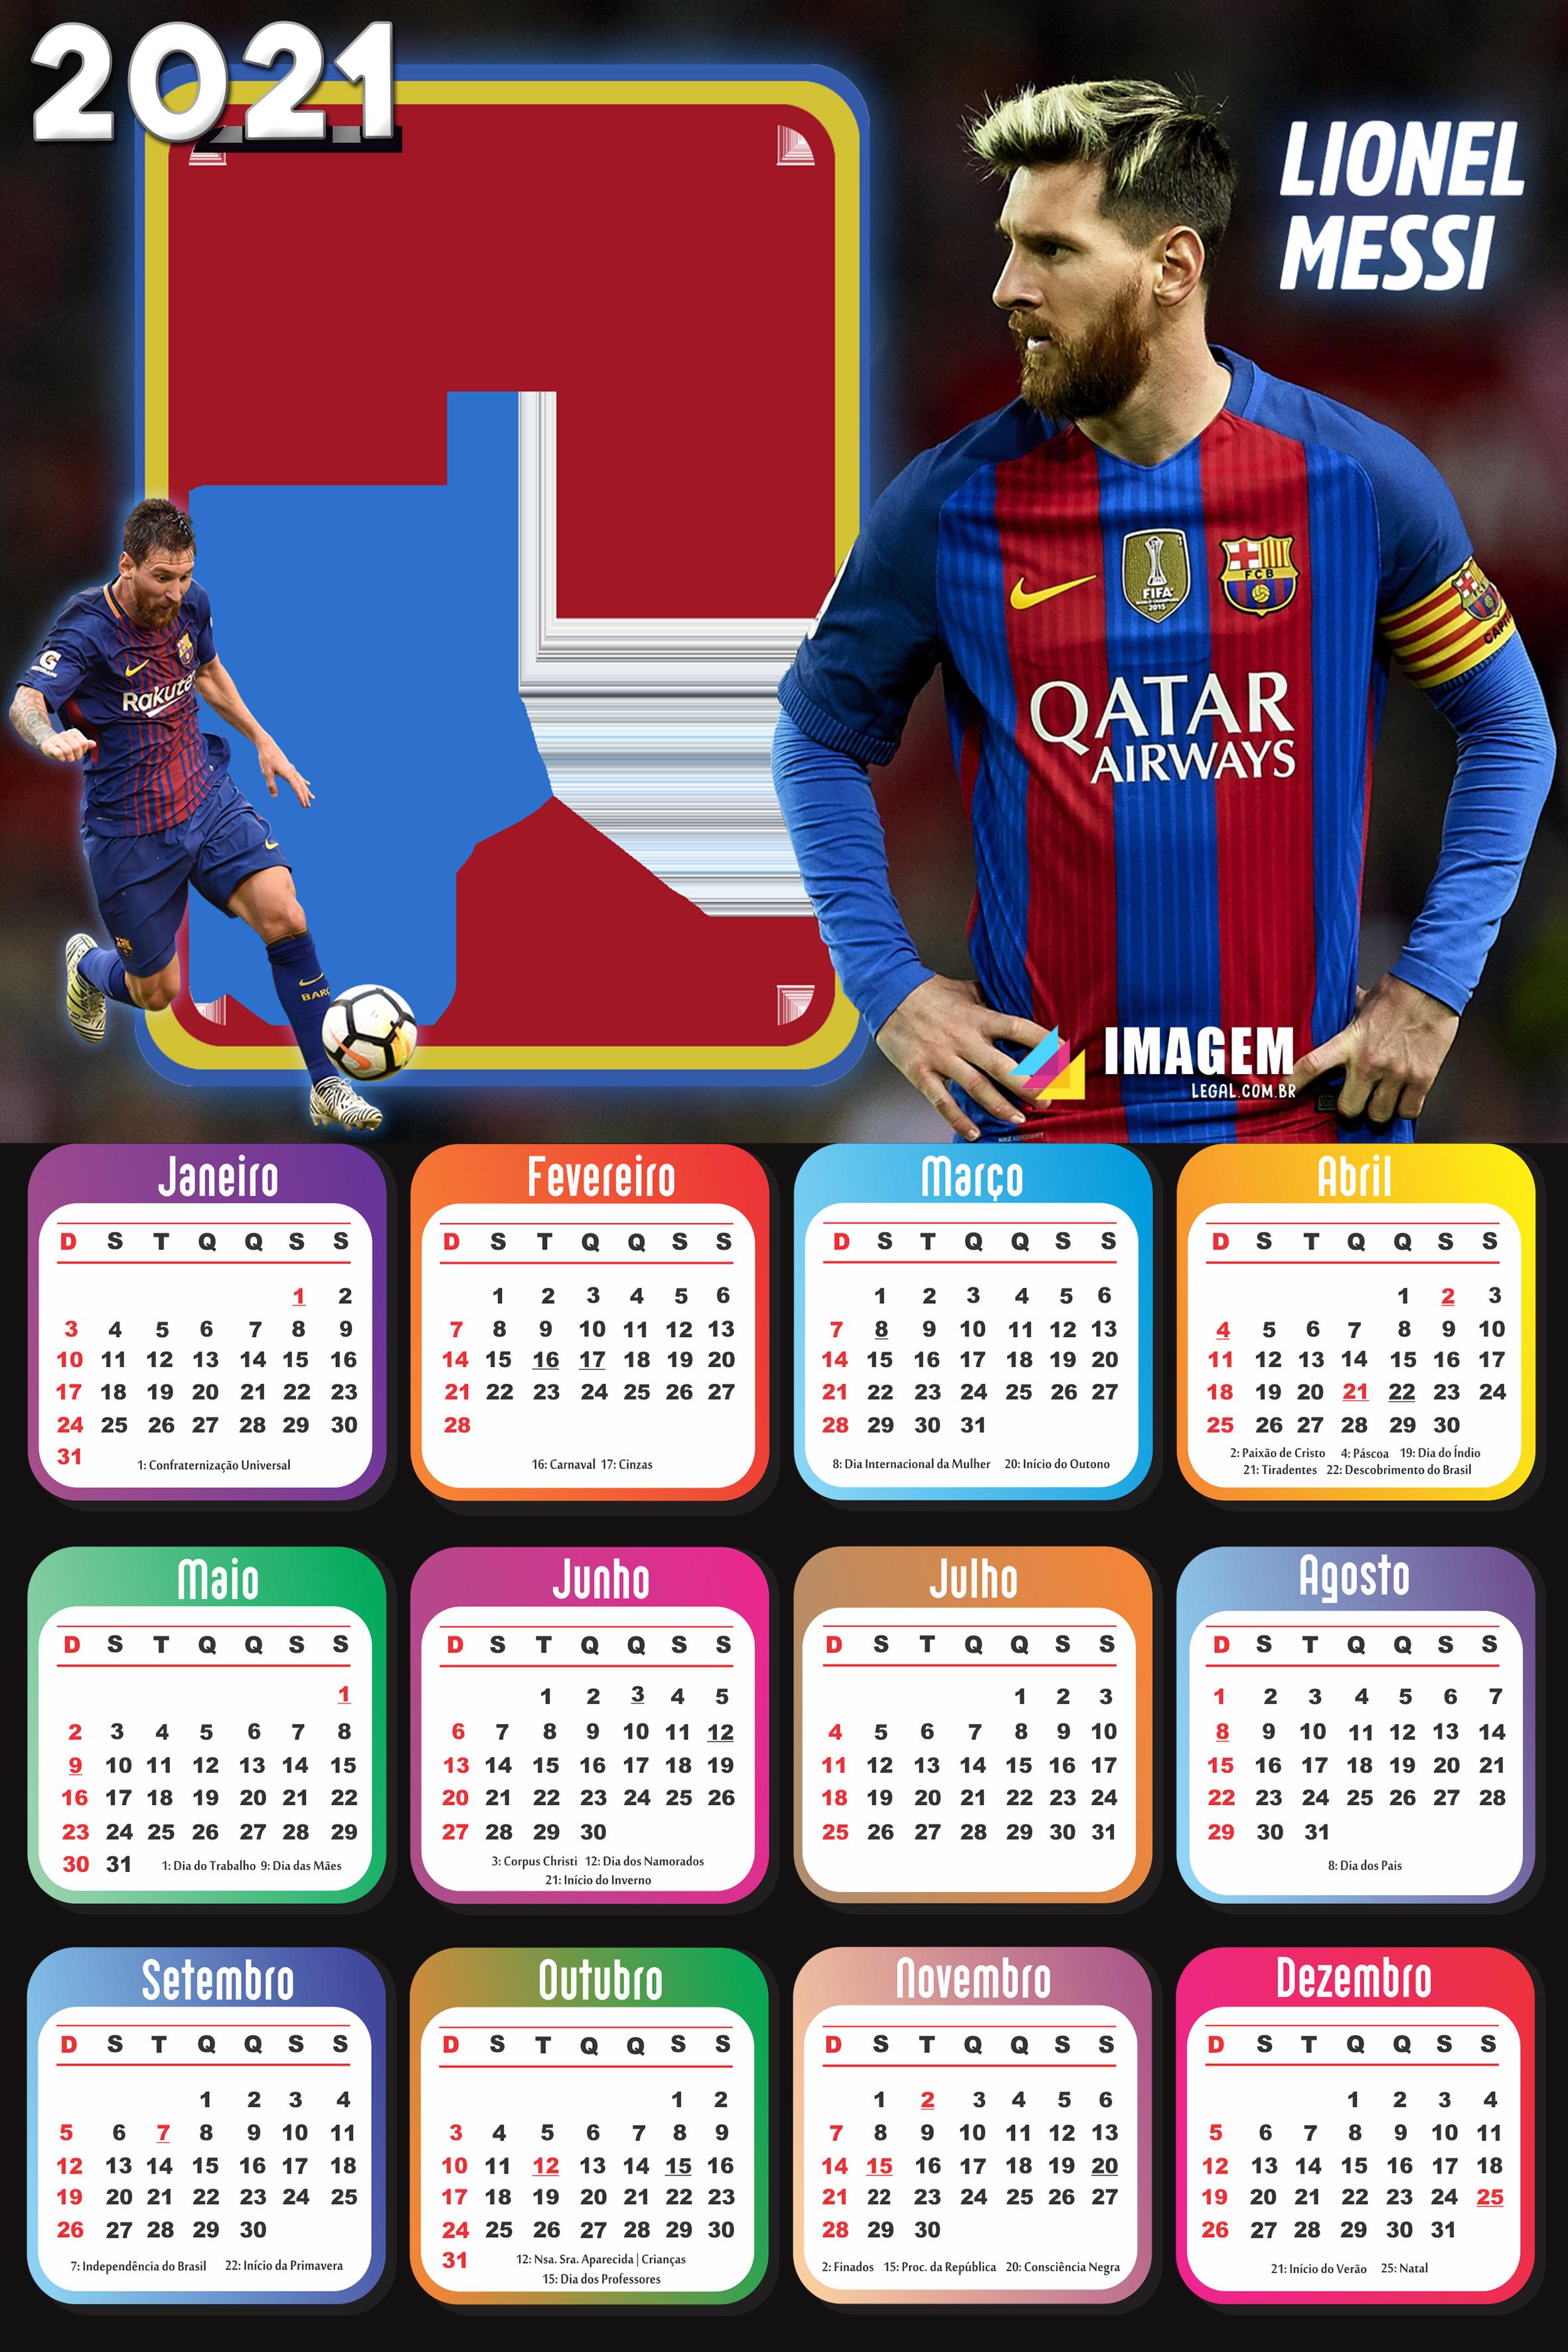 Moldura Calendário 2021 Lionel-Messi   Imagem Legal